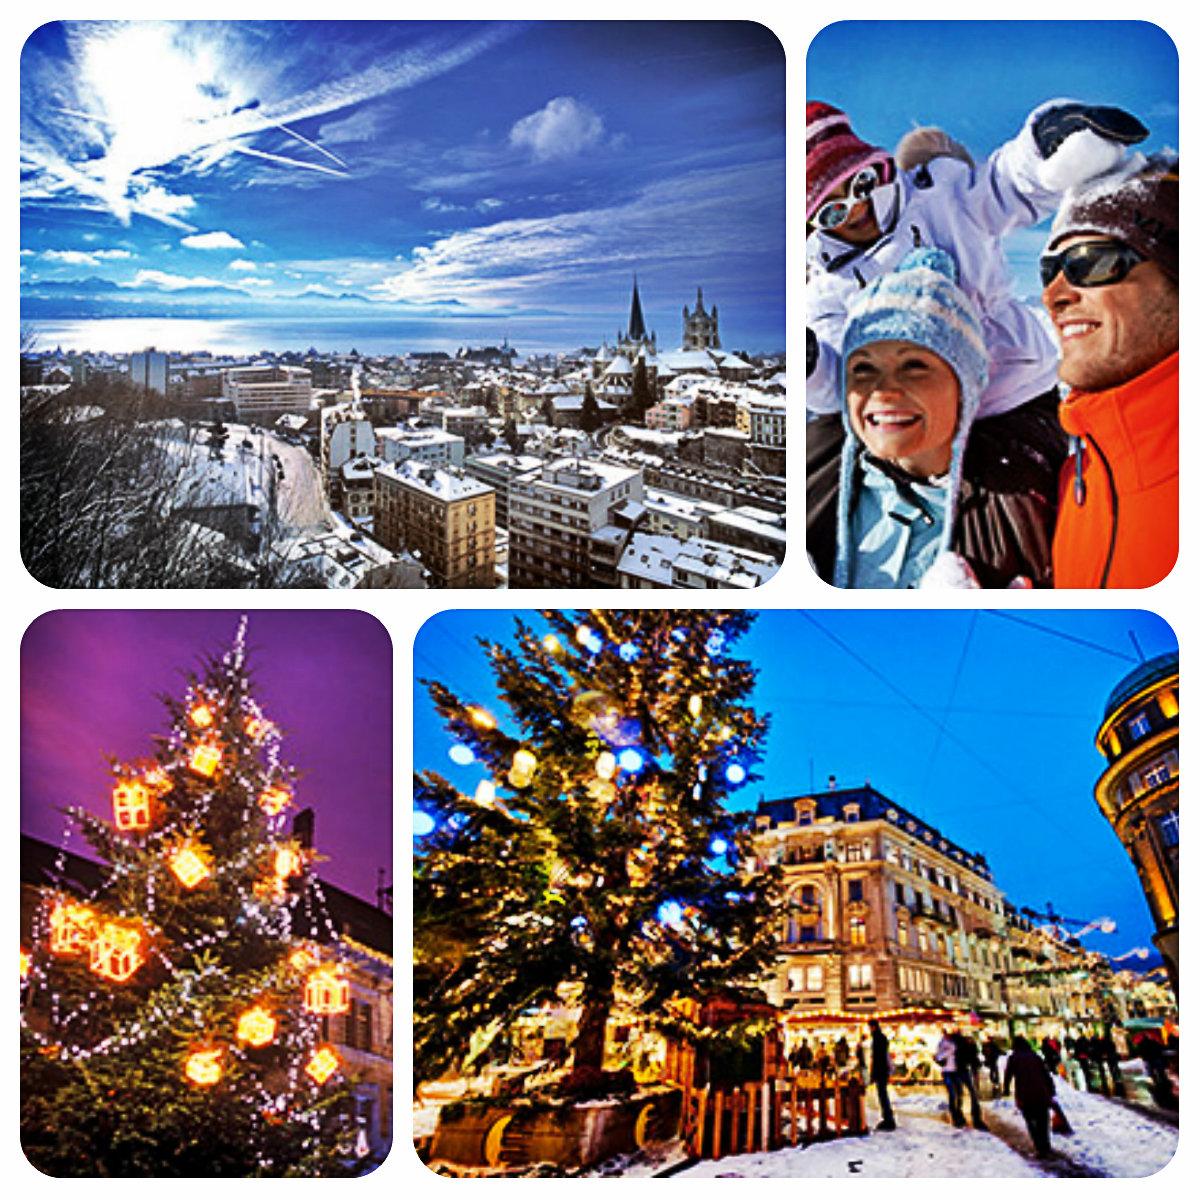 Празднование Нового Года в Швейцарии